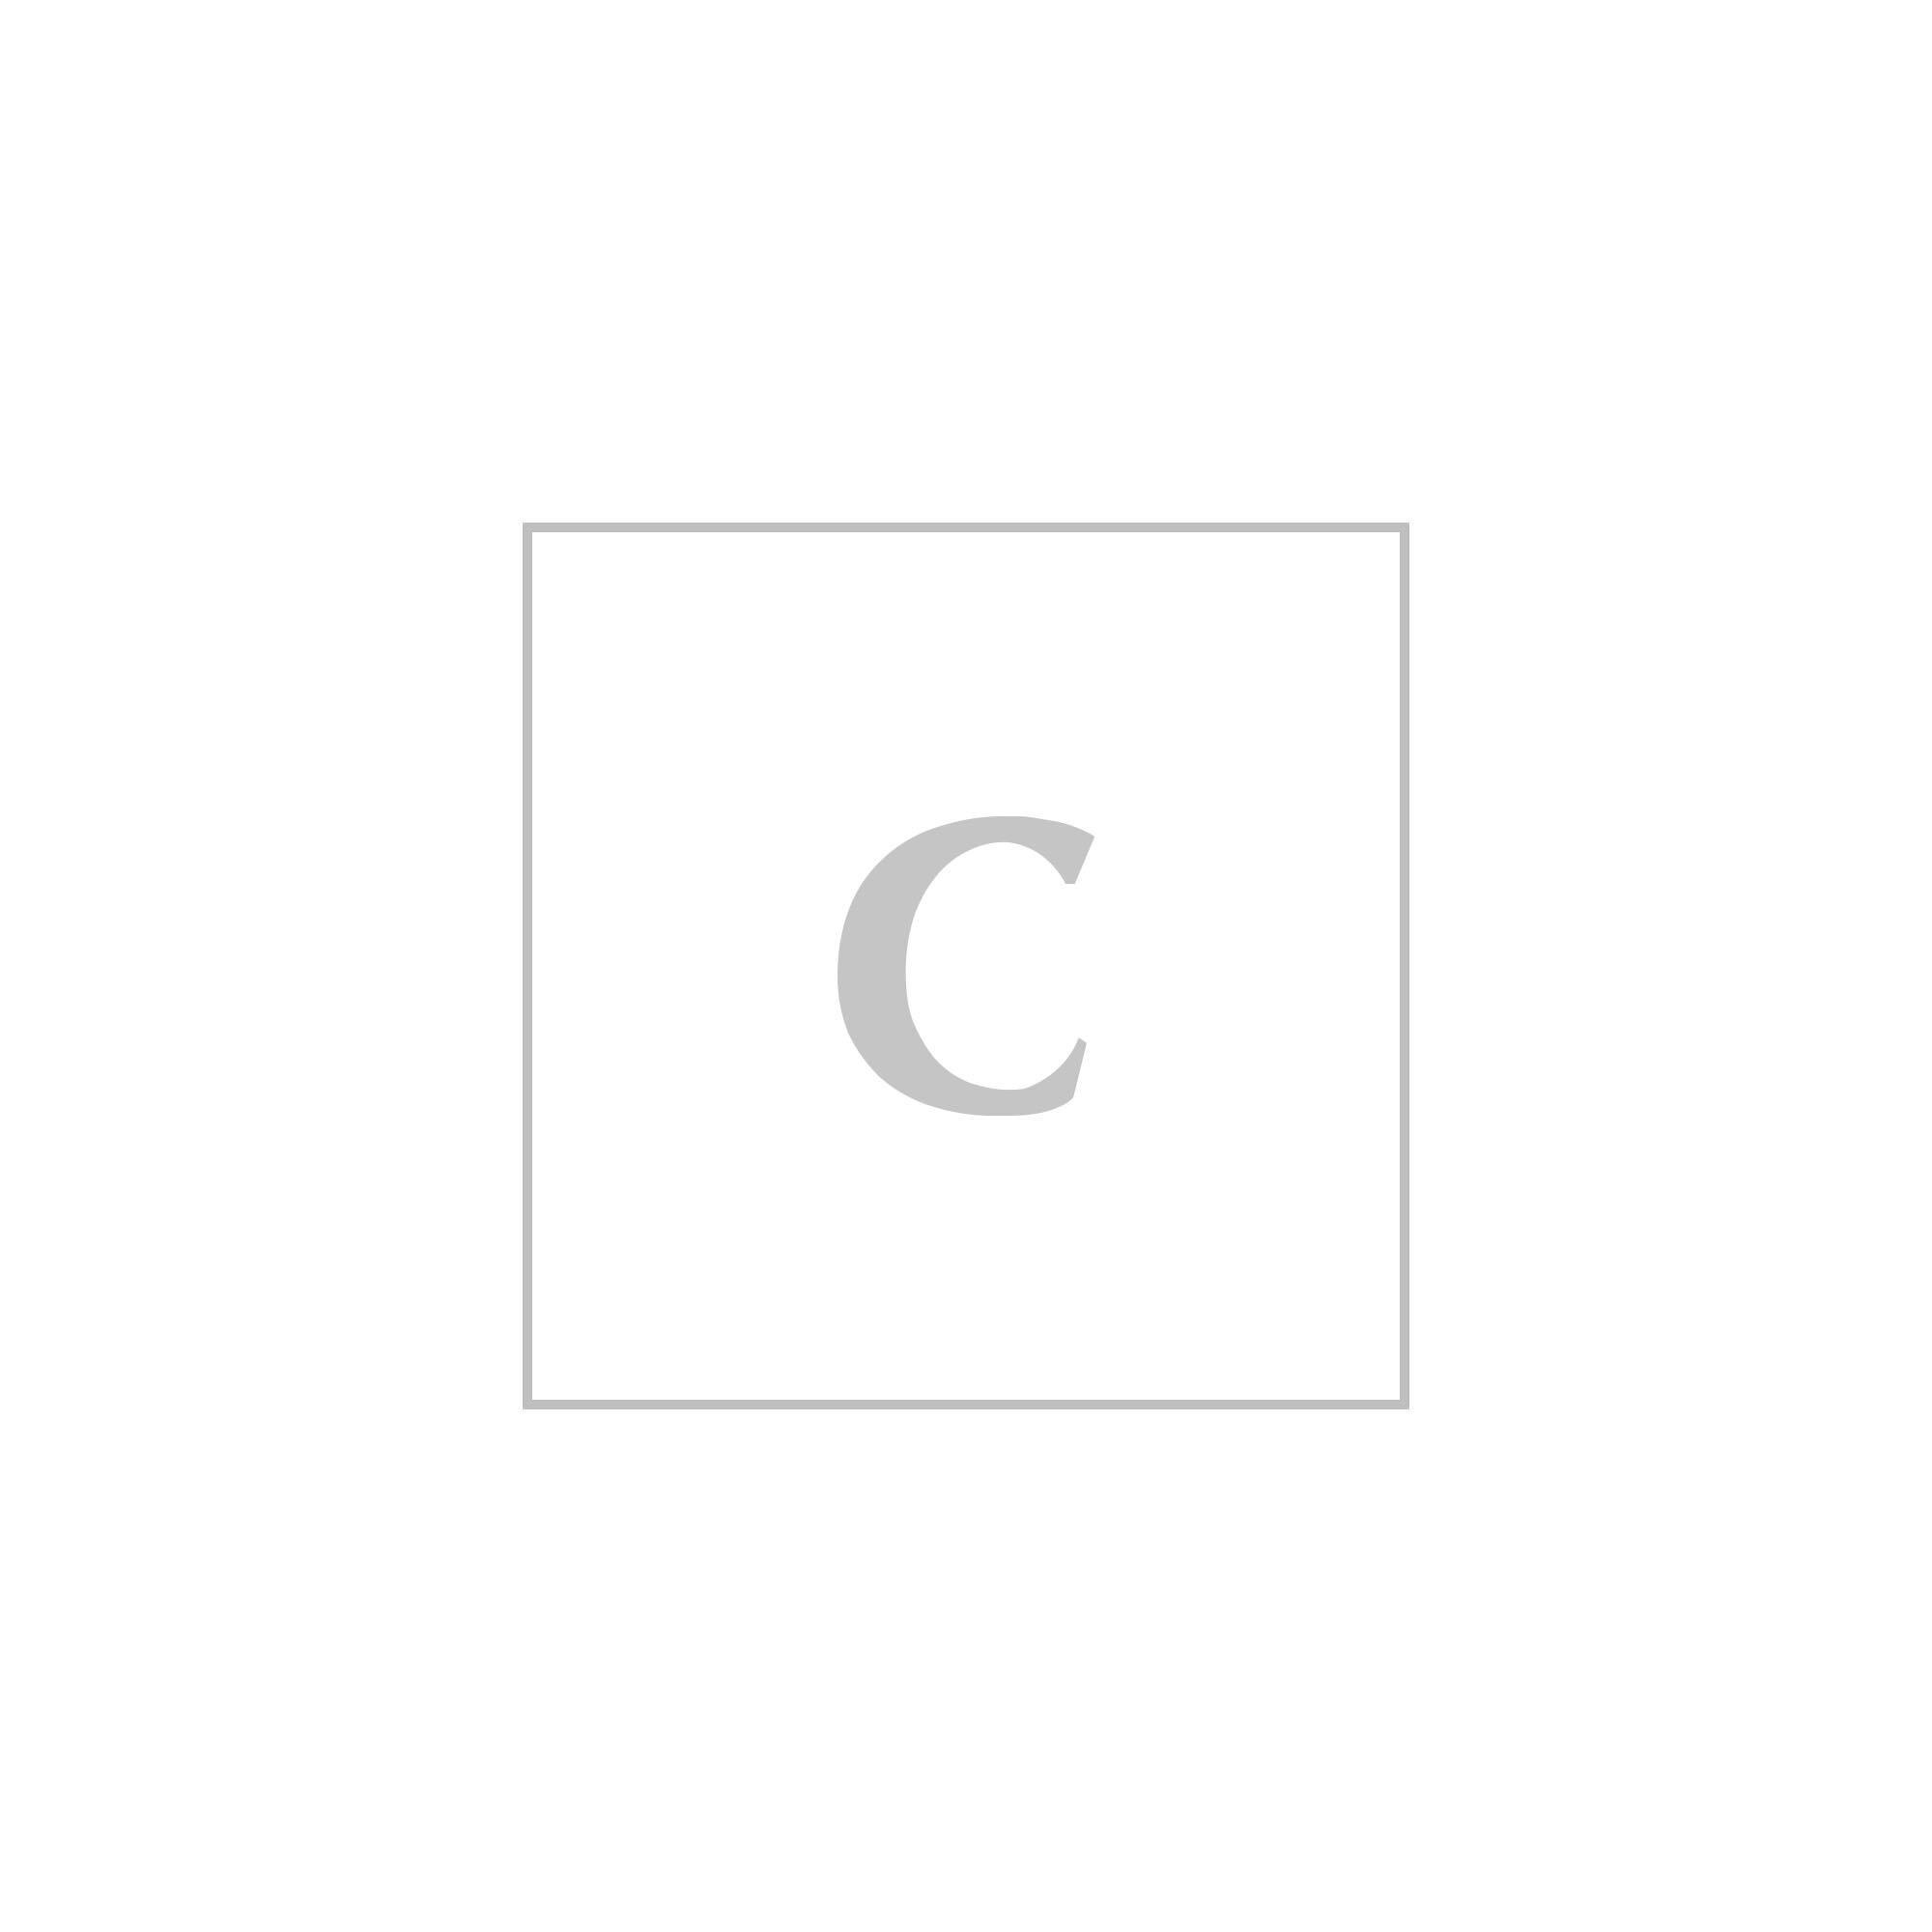 moschino micro zaino lettering moschino con catena os nero tecnico, pelle